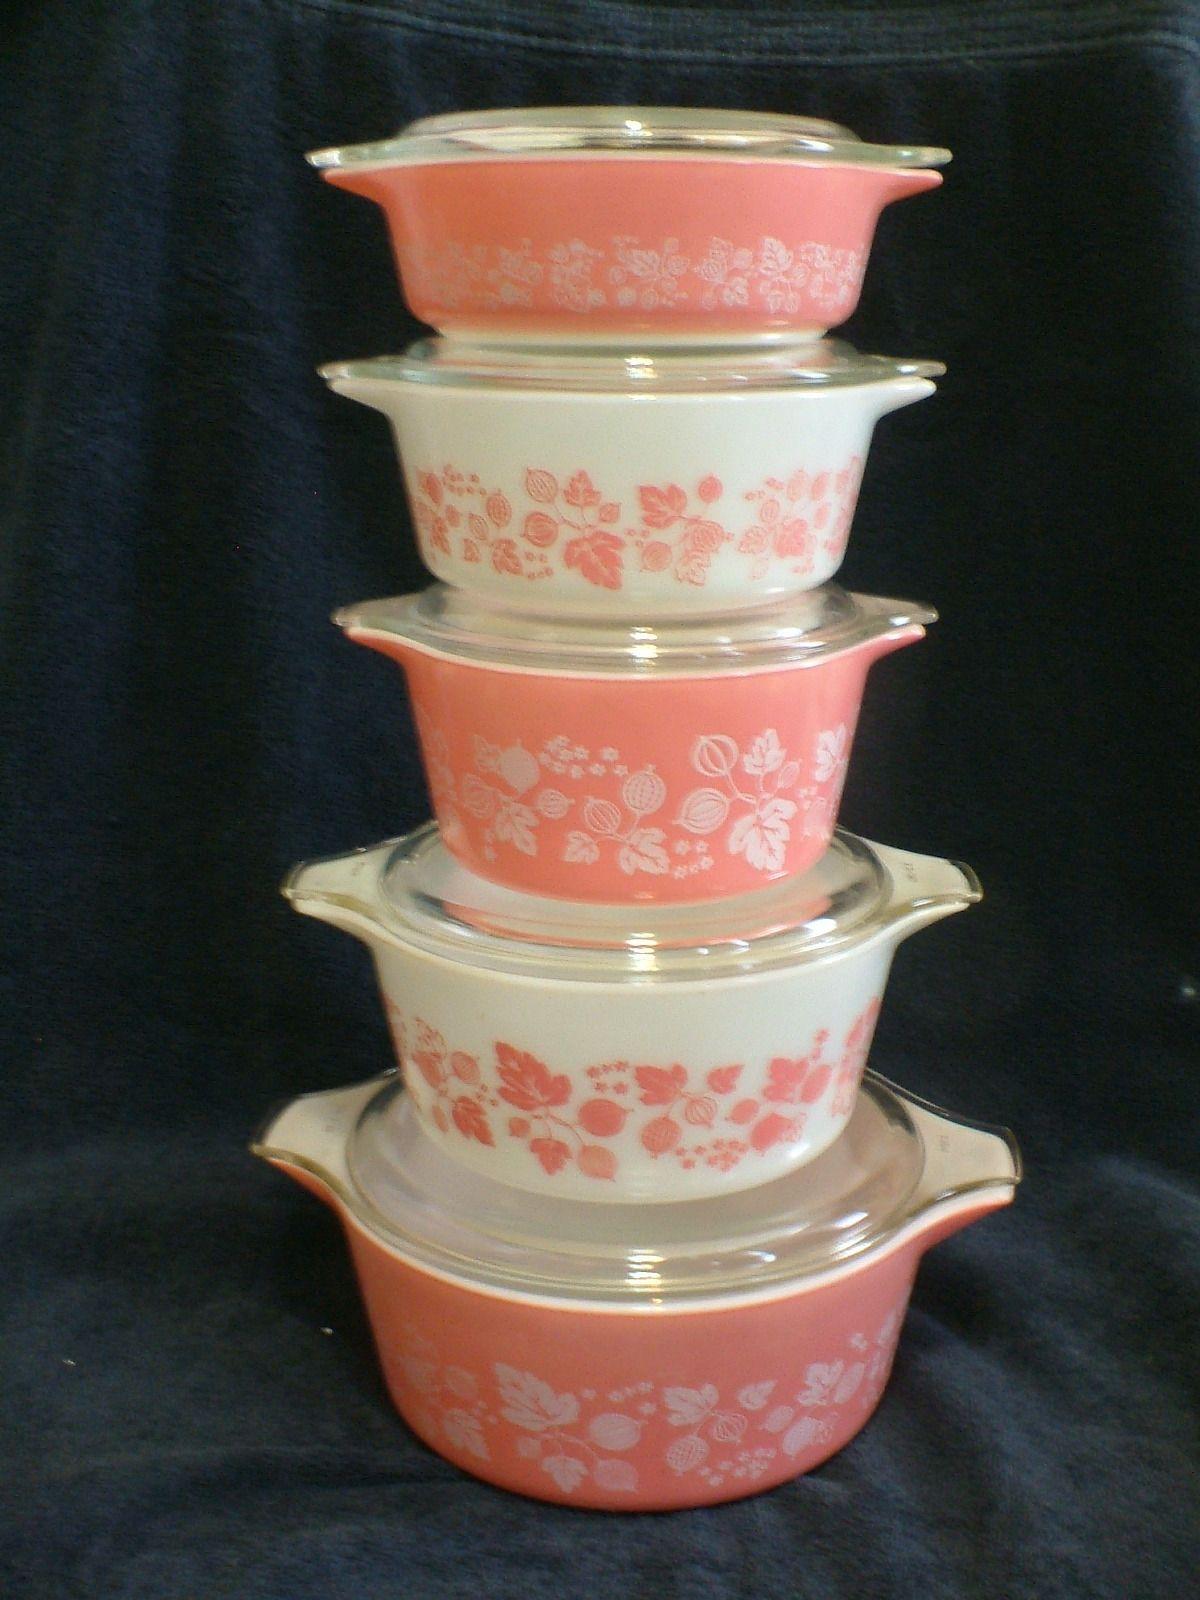 10 Pcs Vintage Pyrex Pink Gooseberry Casseroles And Lids